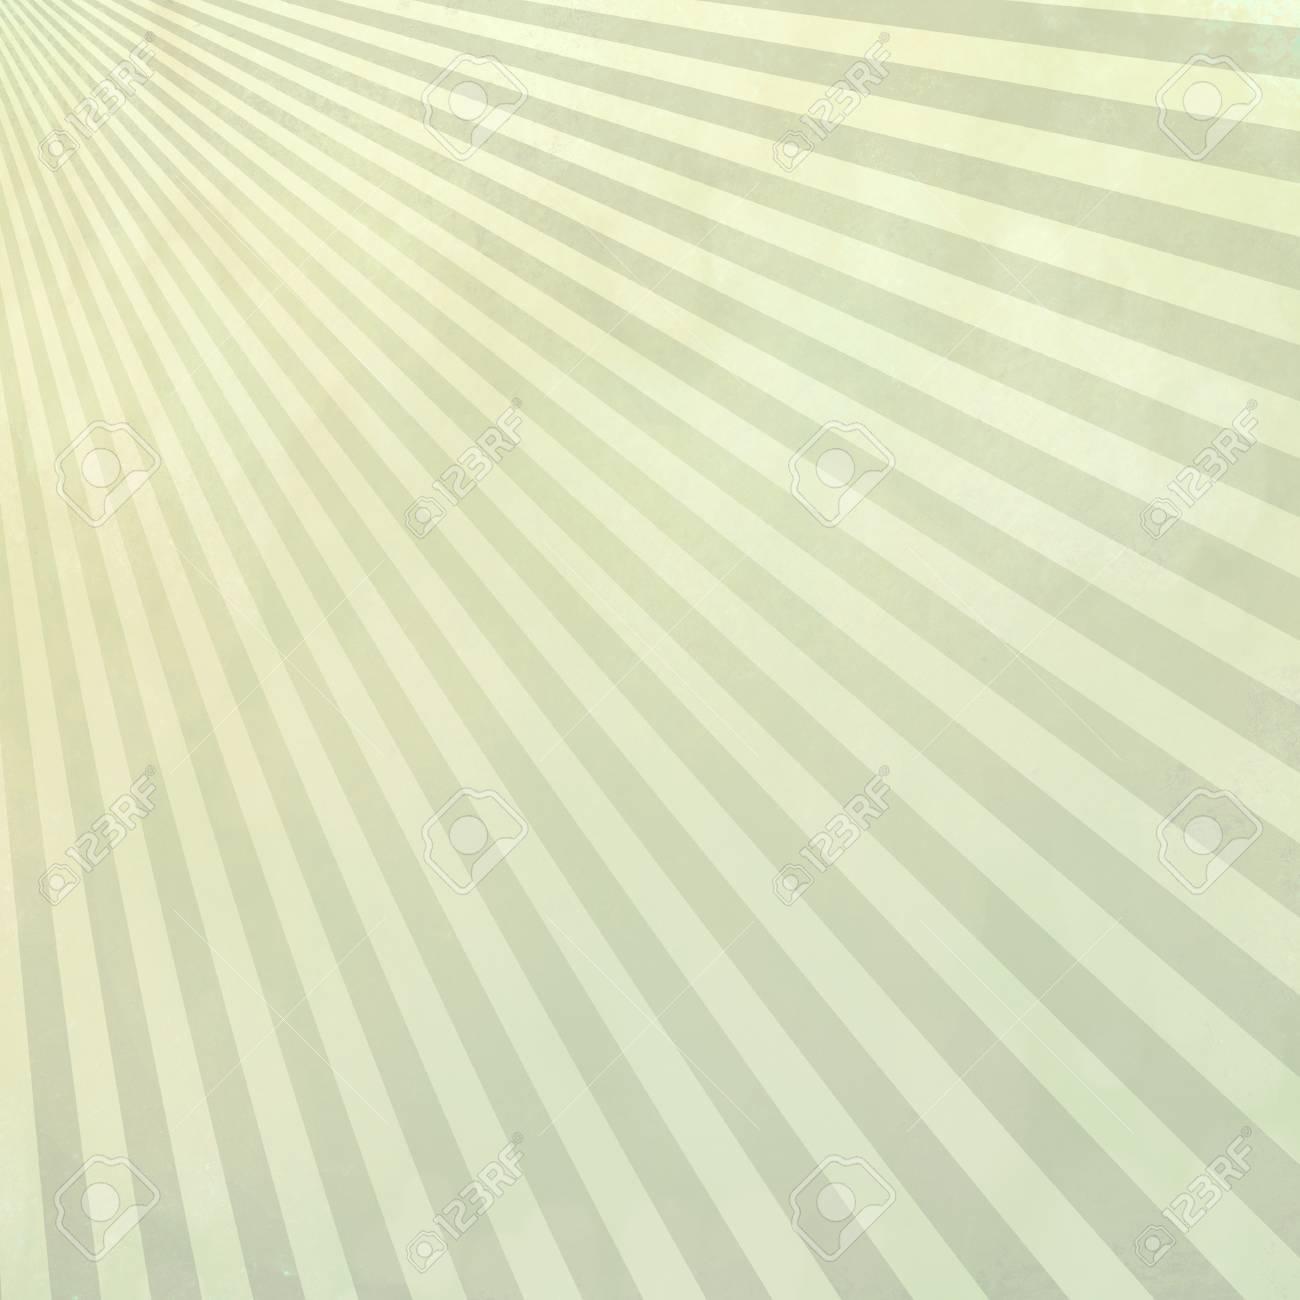 Retro Blass Beige Und Grau Grün Sunburst Design Hintergrund Mit Textur  Standard Bild